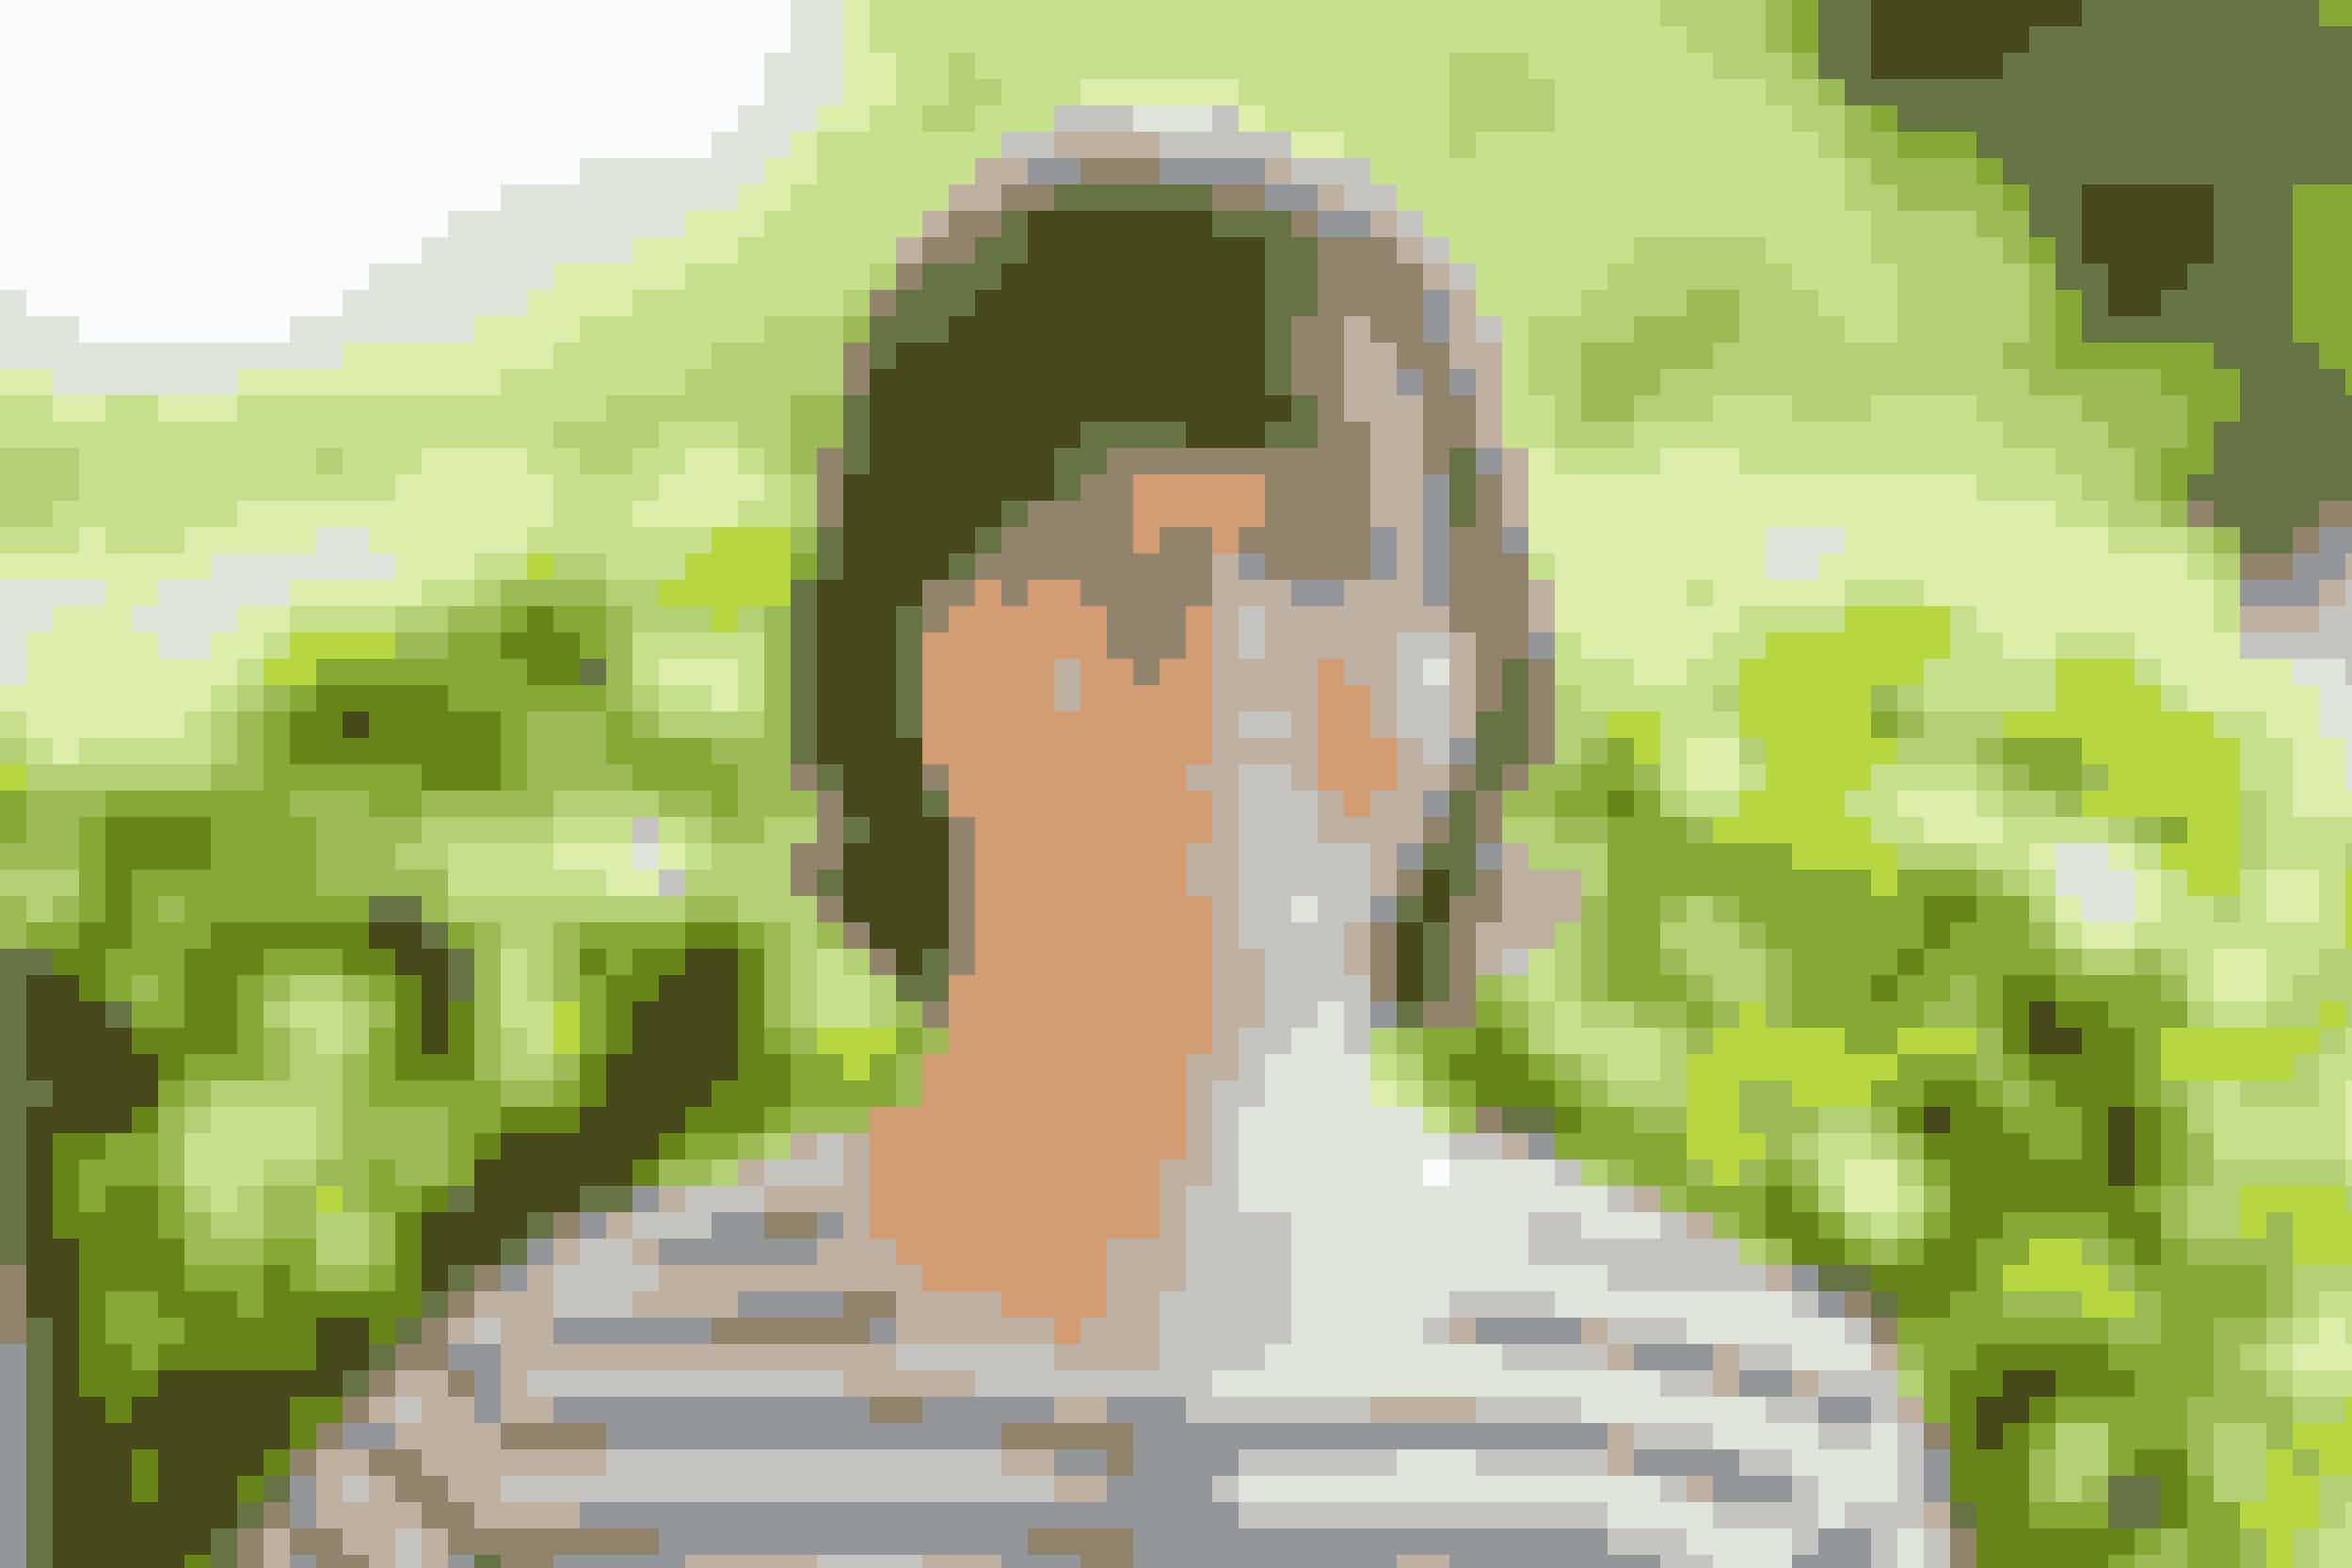 Aksel 14 årAksel går i samme klasse som Caroline. Hans far er fra Tyskland, og Aksel har større søskende i Tyskland, som han af og til besøger. Hos mor har Aksel også en bror, som er plejebarn.Ifølge sin lærer, Annemarie, er Aksel god til at gøre sig umage i skolen. Ifølge Aksel selv, er han god til at kysse og kramme.Hvad kan du bedst lide?– Diskofest med islagkage og dejlig mad, svarer Aksel.– Især pølse og leverpostej, præciserer han efter at have tænkt lidt over spørgsmålet. Og ostemadder – og kram.Aksel samler på ting – også andres ting. Så hvis man har mistet noget, kan man som regel finde det i Aksels taske. Det er kun noget, han låner.I skolen kan Aksel bedst lide at tegne. Han er omhyggelig og især god til at tegne geometriske figurer og holde sig inden for stregerne.Når han bliver ældre, vil han gerne tegne eller arbejde i bageriet i landsbyen, som mange andre tidligere elever i specialklasserne gør.